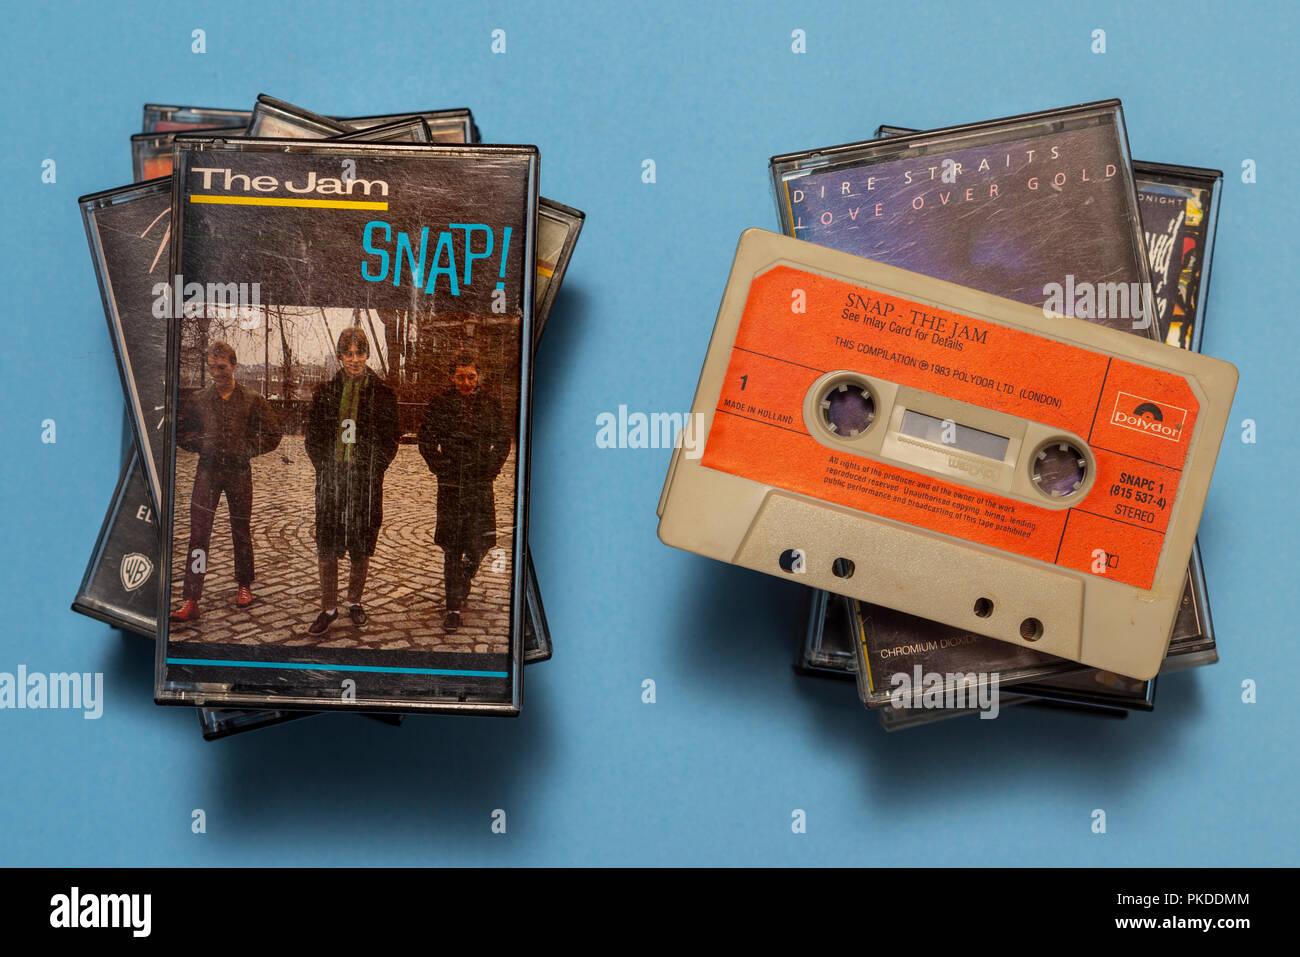 Compact audio cassetta della marmellata, Snap album con opere d'arte. Immagini Stock